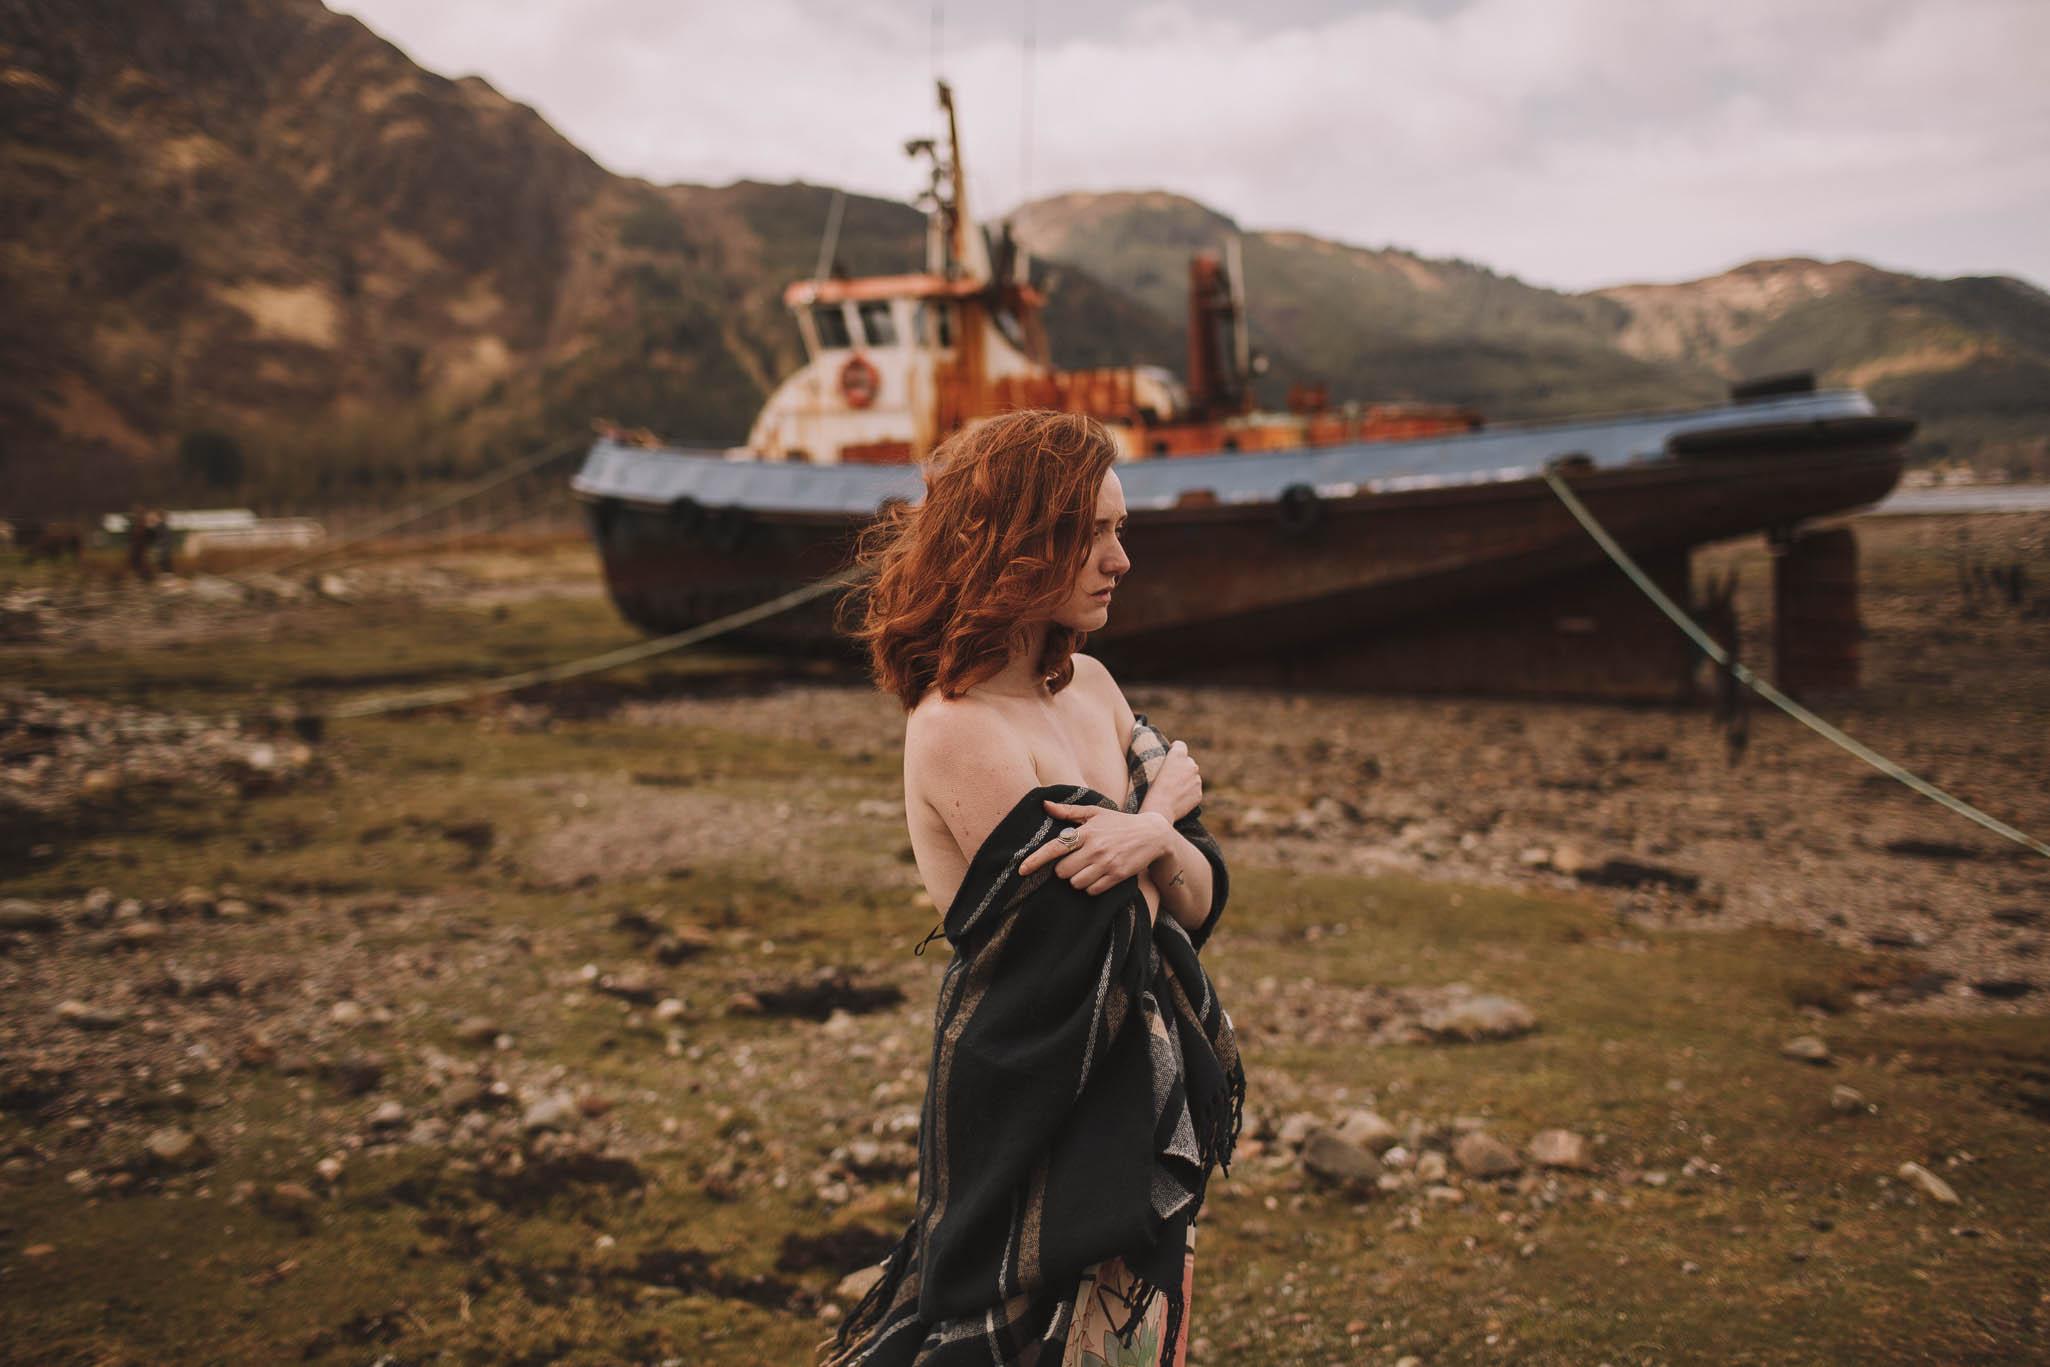 Scotland-wedding-photographer-jeremy-boyer-photographe-mariage-ecosse-voyage-road-trip-travel-42.jpg